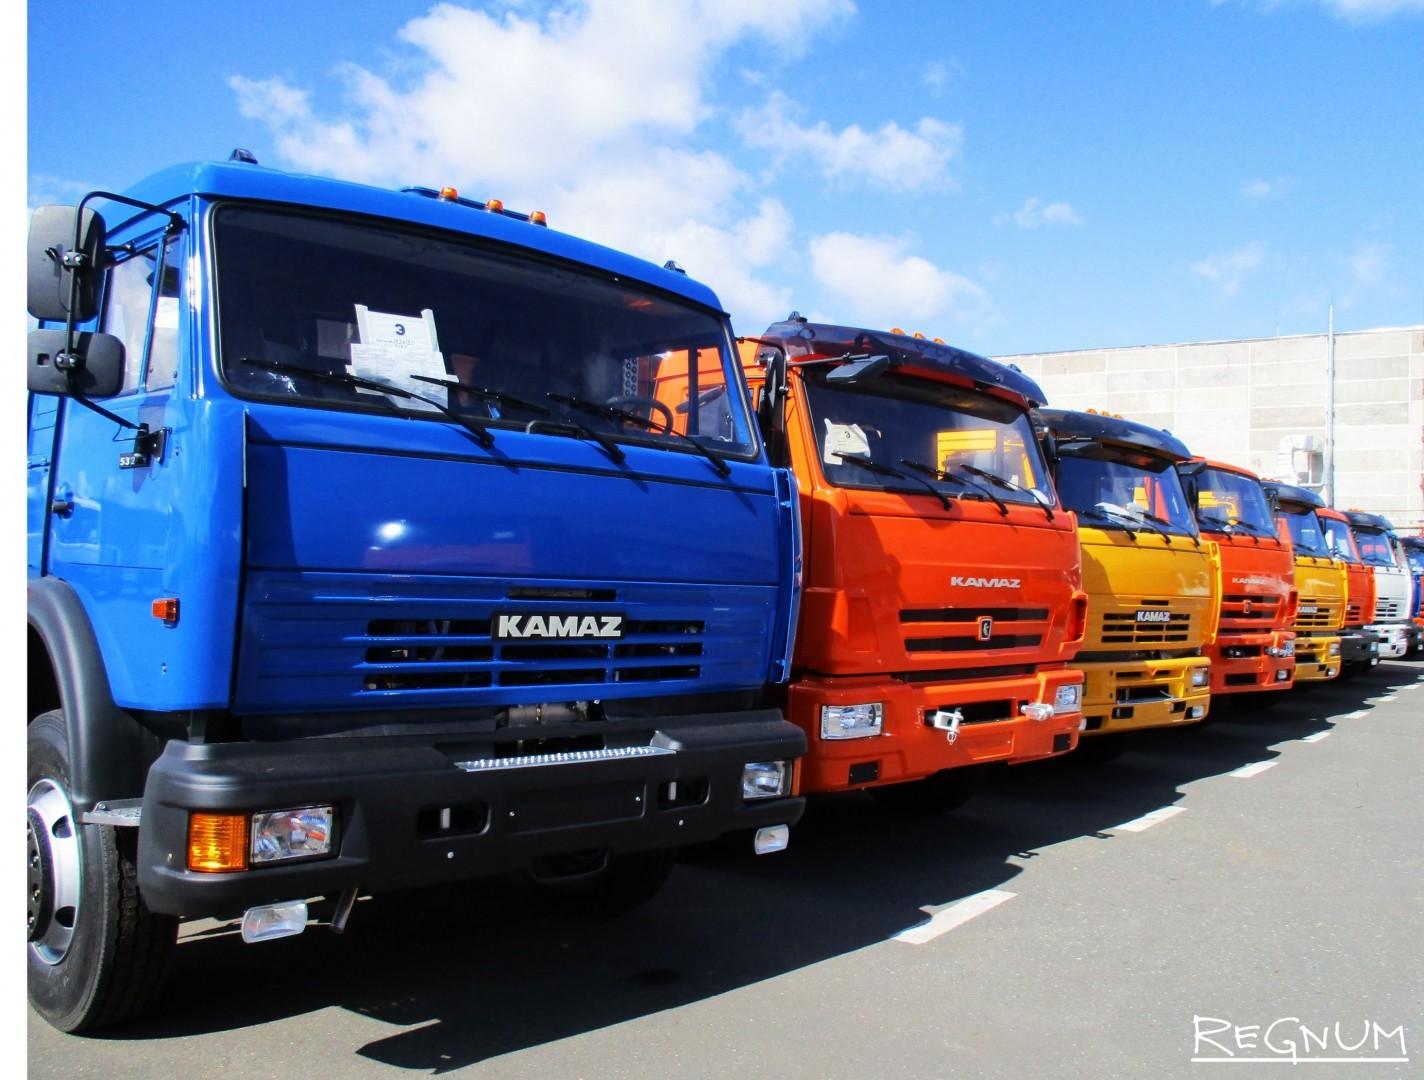 С приходом нового мотора и новой кабины старый модельный ряд КамАЗ сохранится